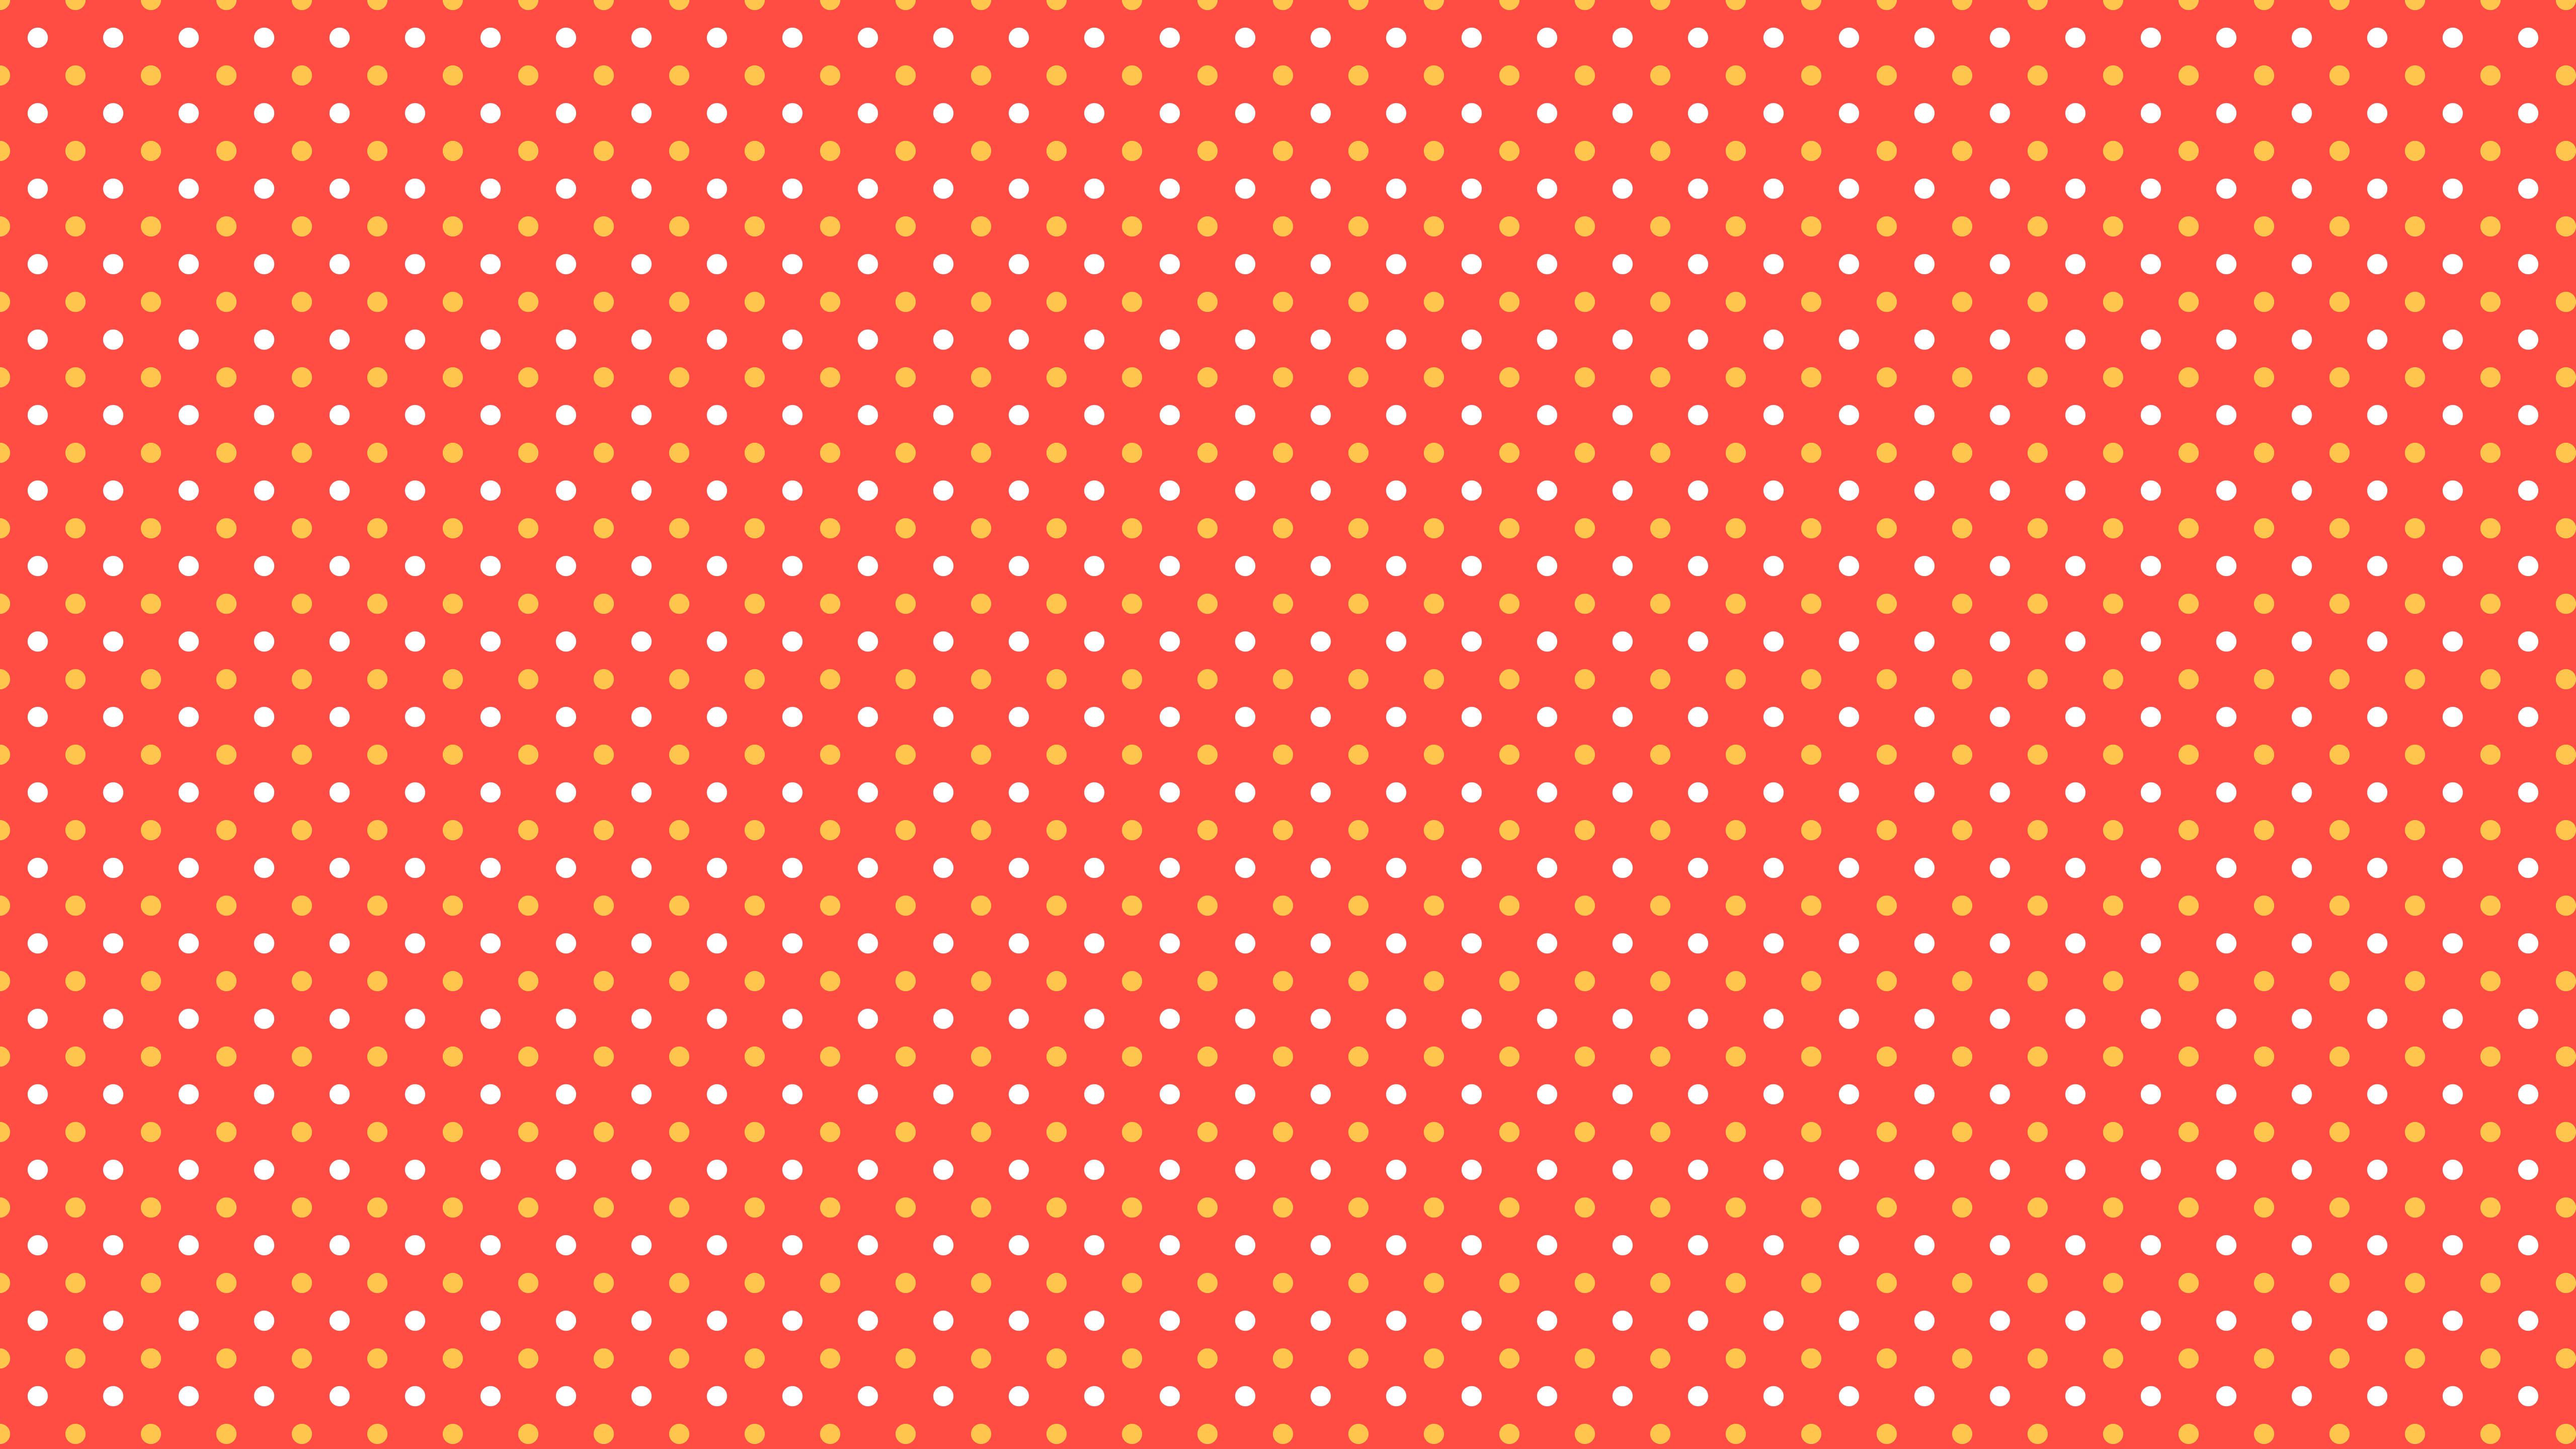 desktop wallpaper wallpapersc pcmac5k4k - photo #10